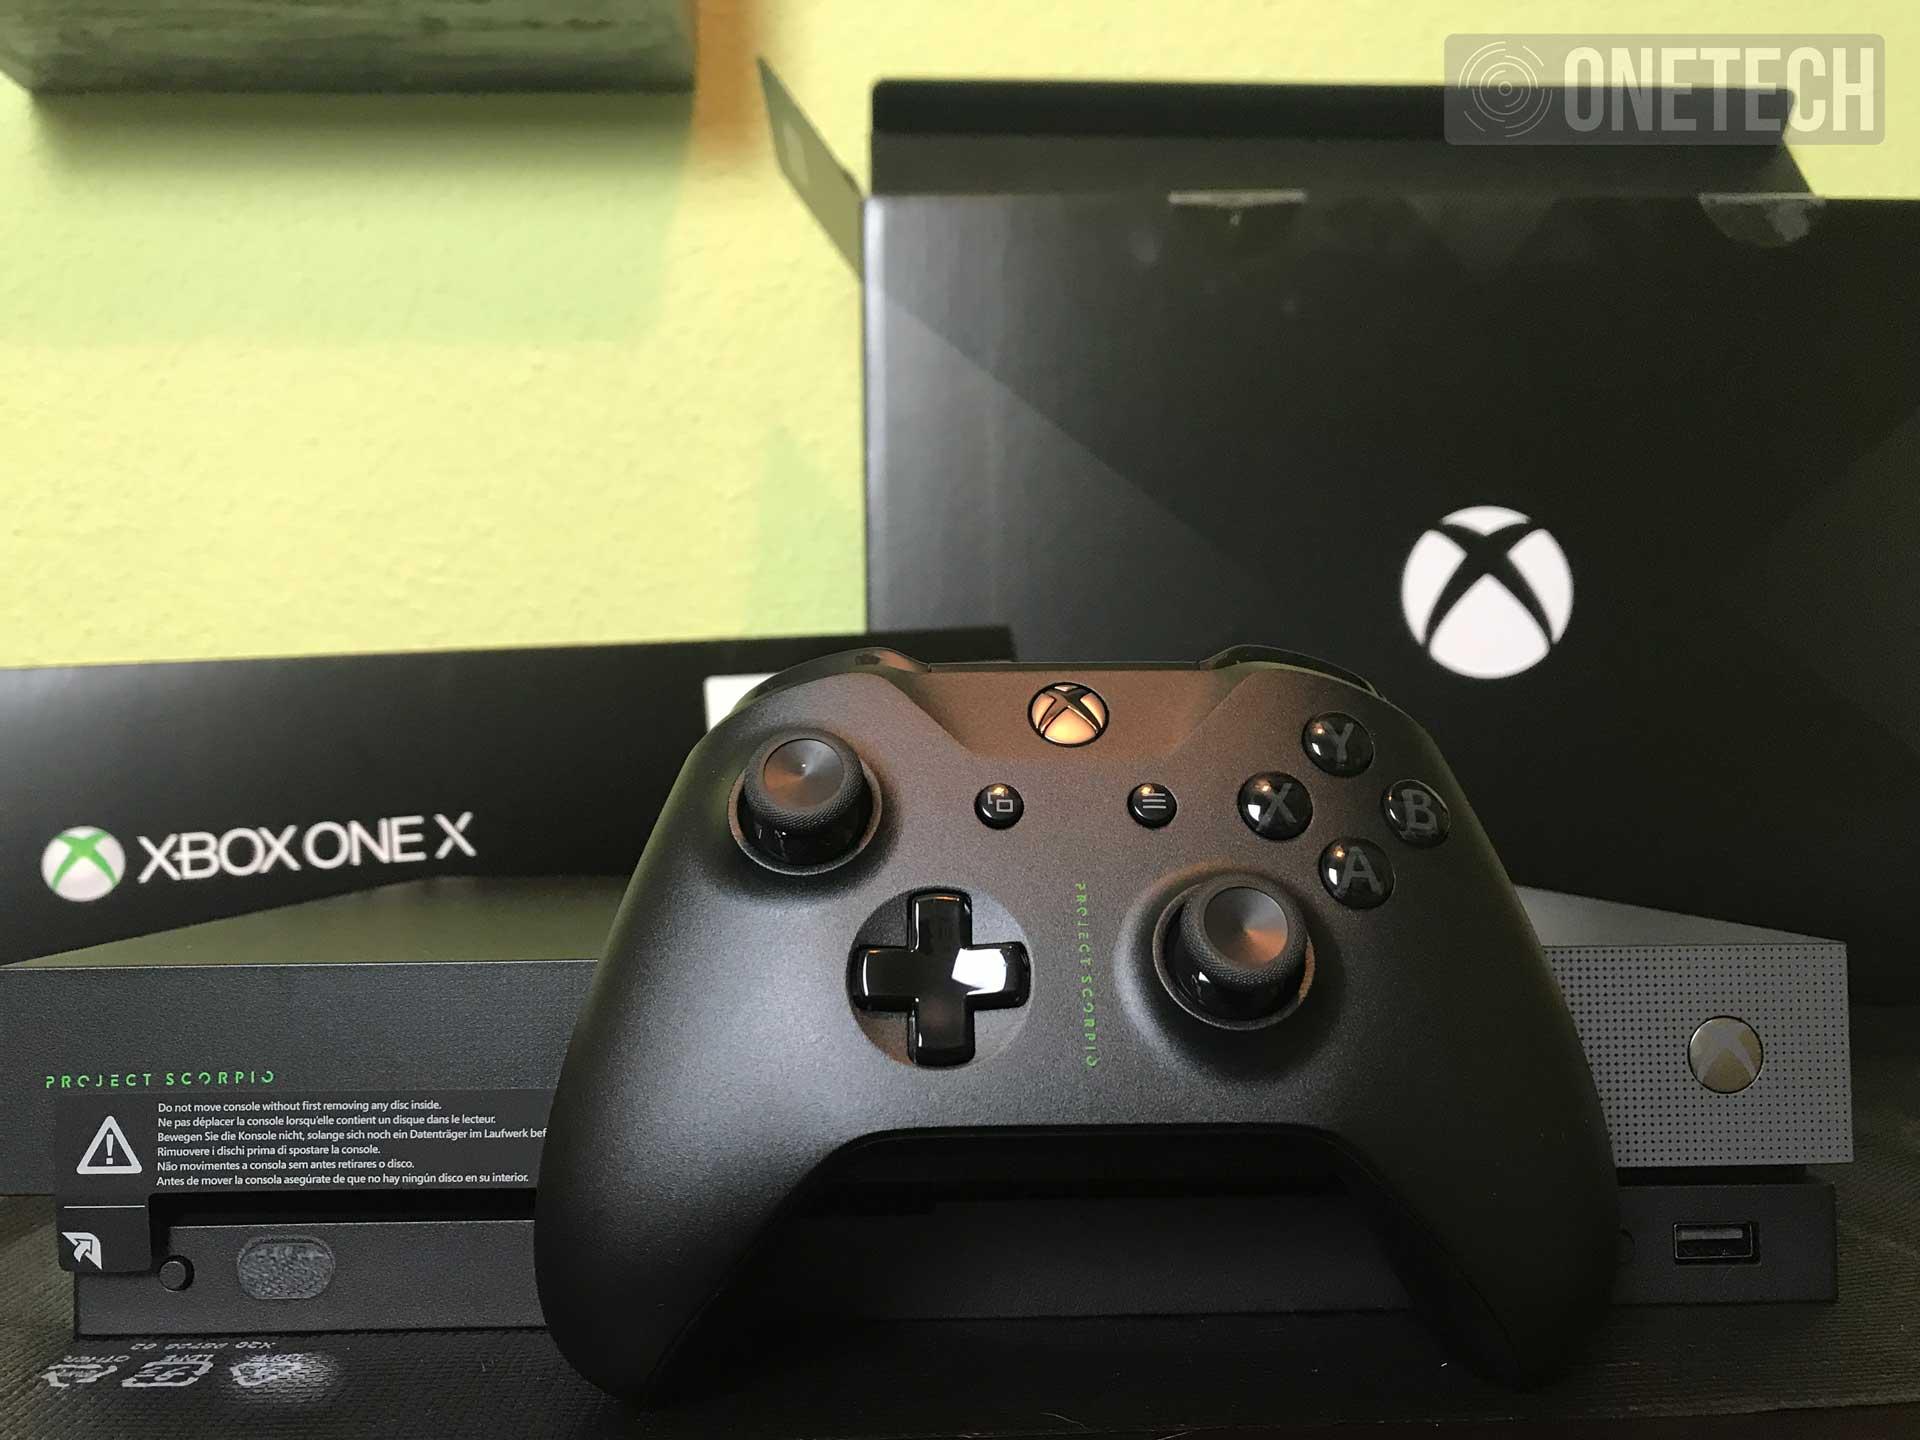 Unboxing Xbox One X Edición Project Scorpio. ¡La bestia ya está aquí!